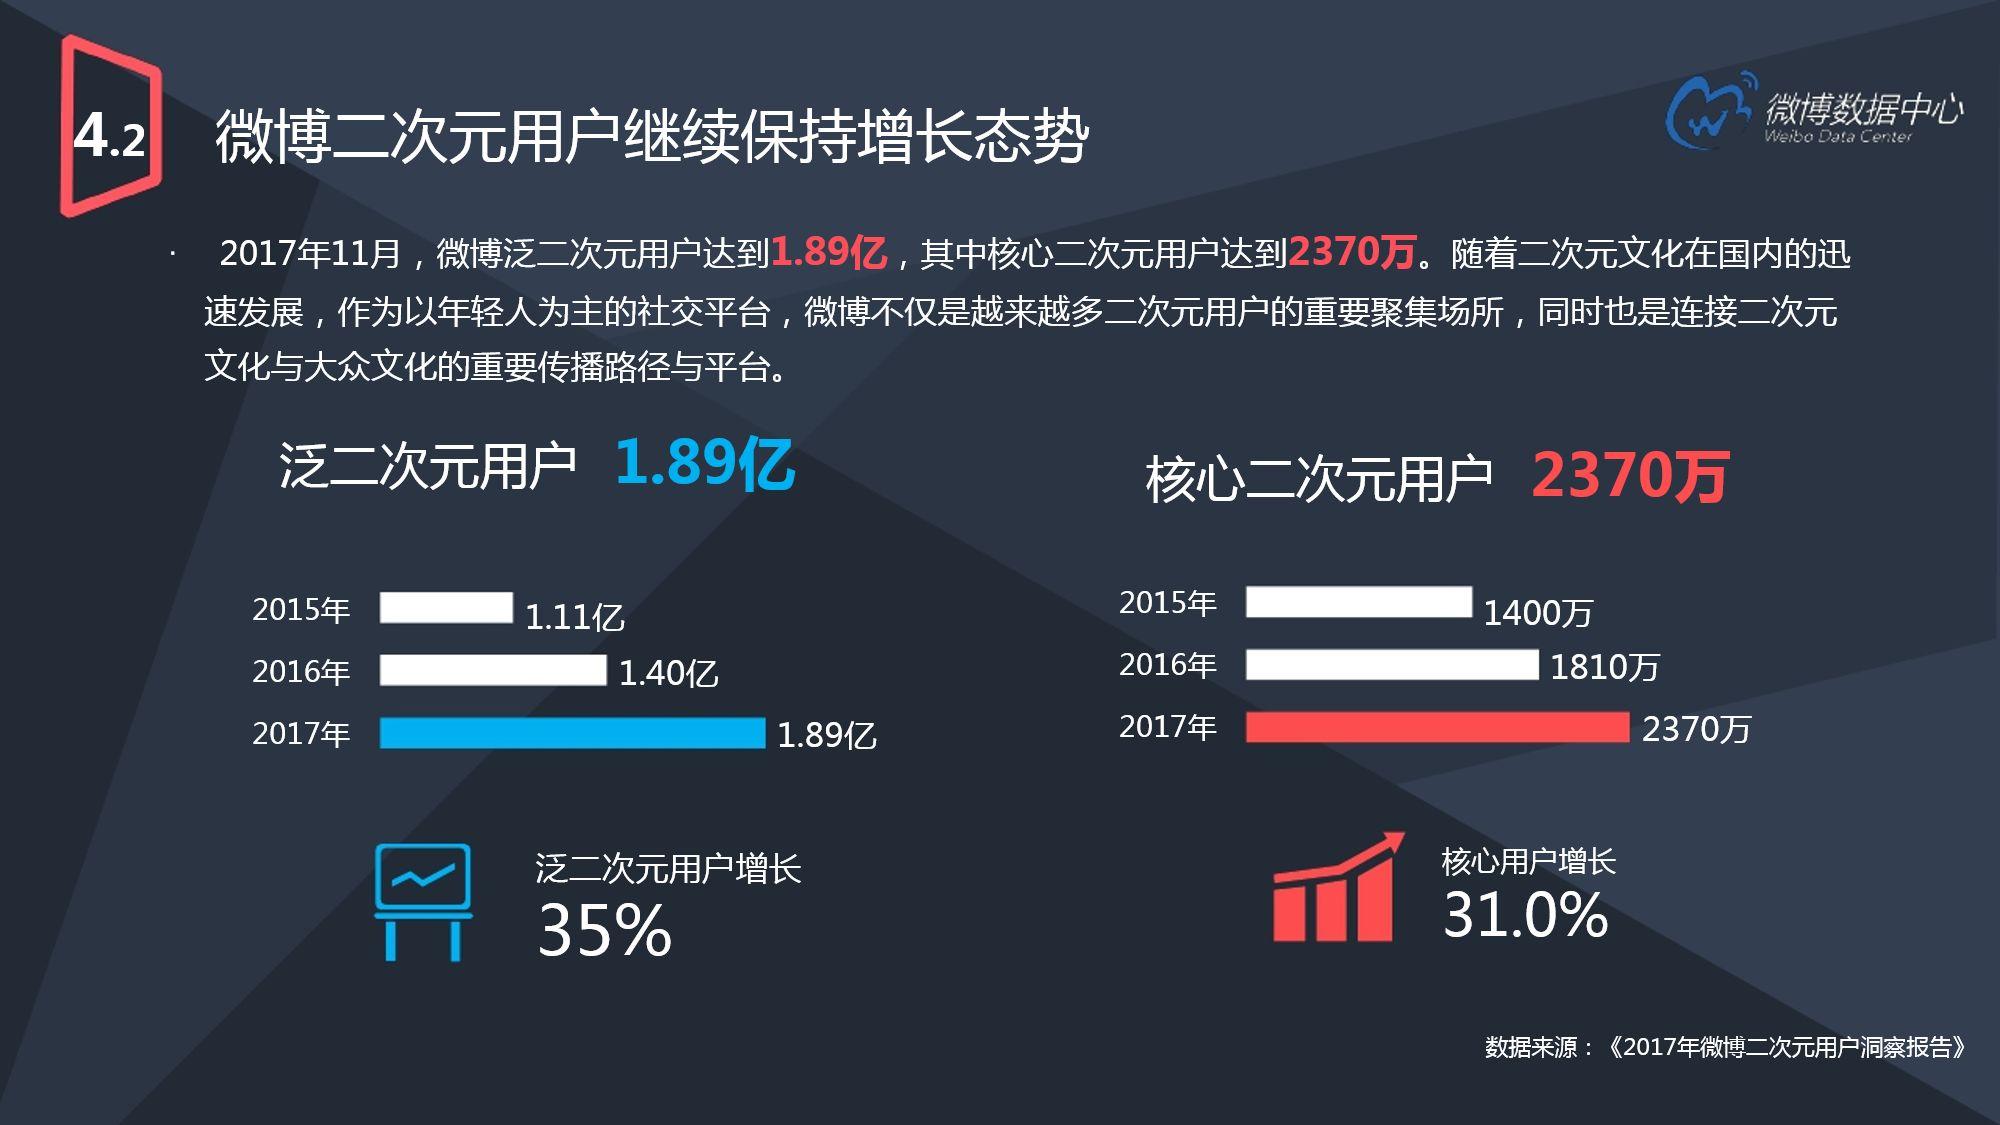 2017微博用户发展报告(下)